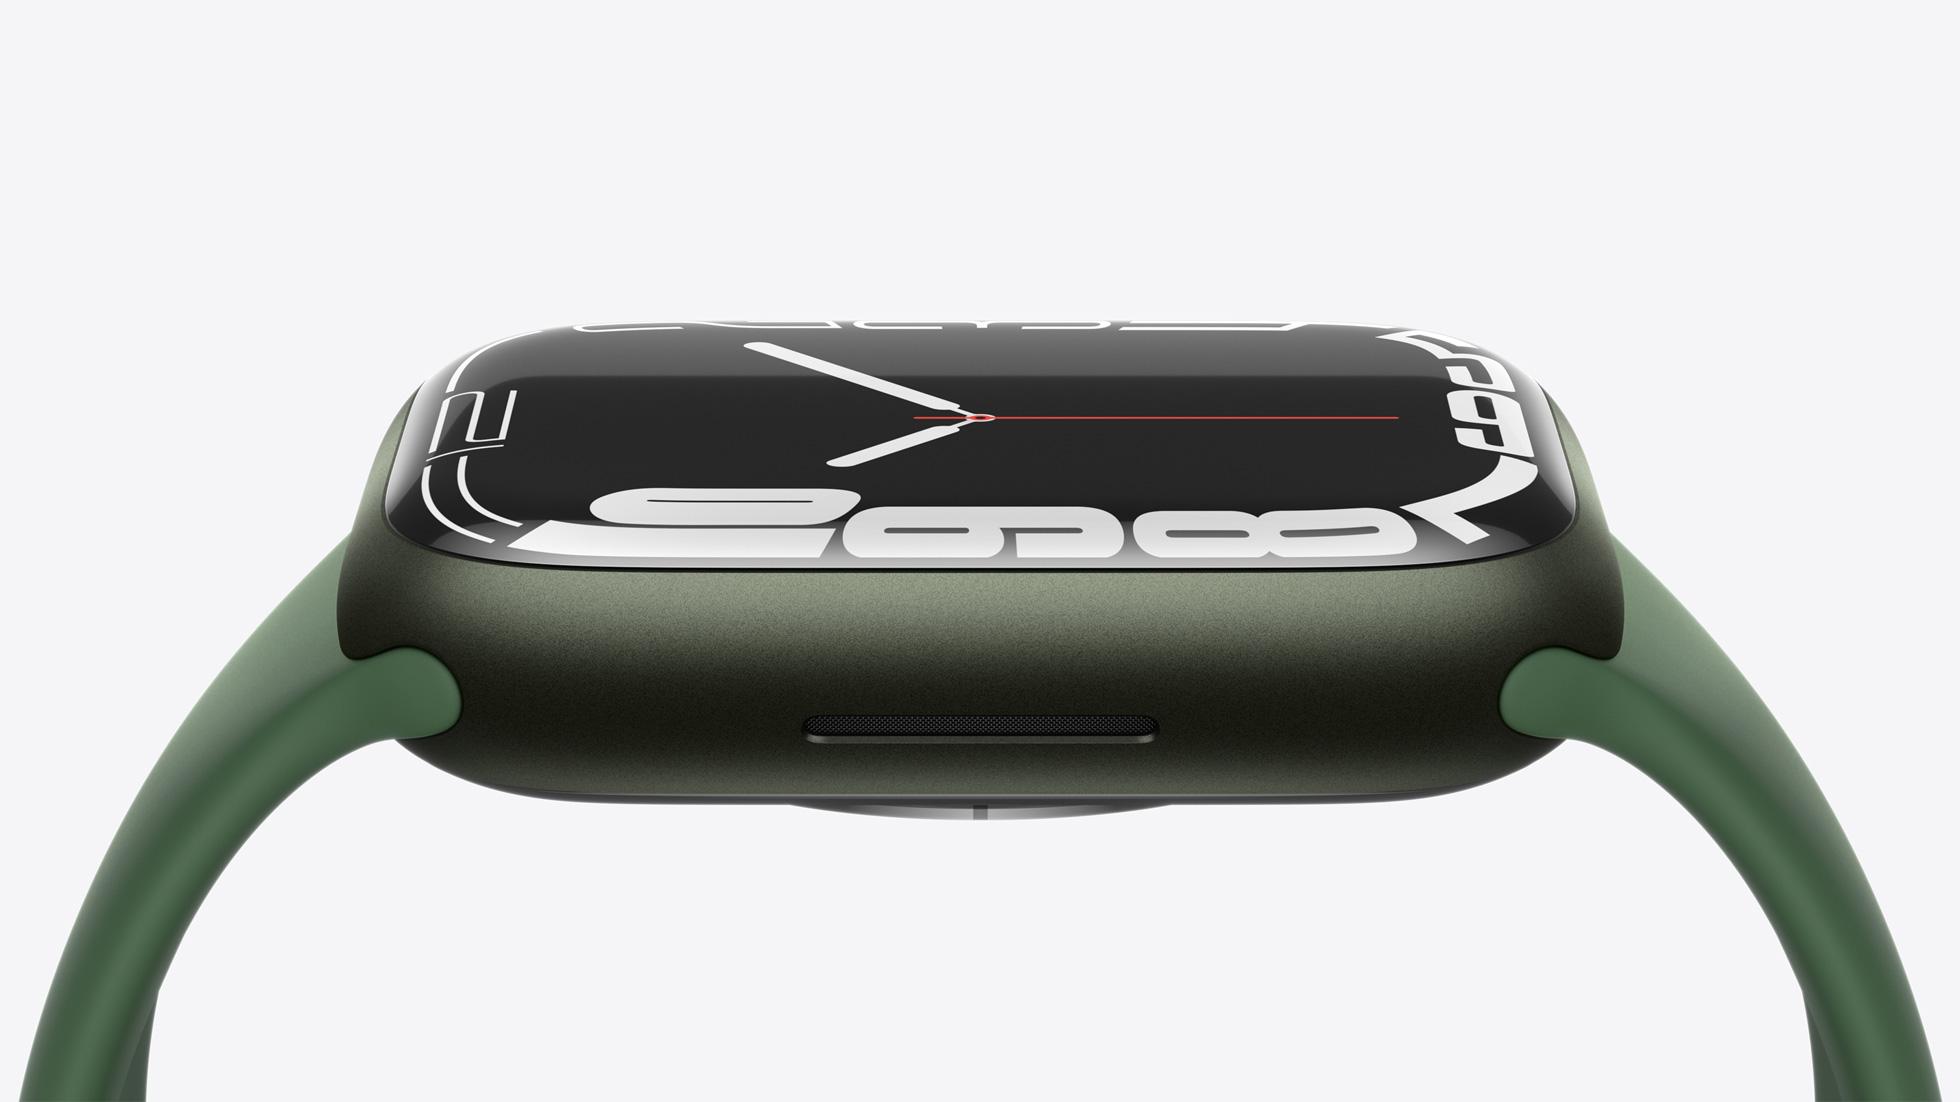 Apple Watch Series 7 sifarişləri 8 oktyabr Cümə günü başlayır